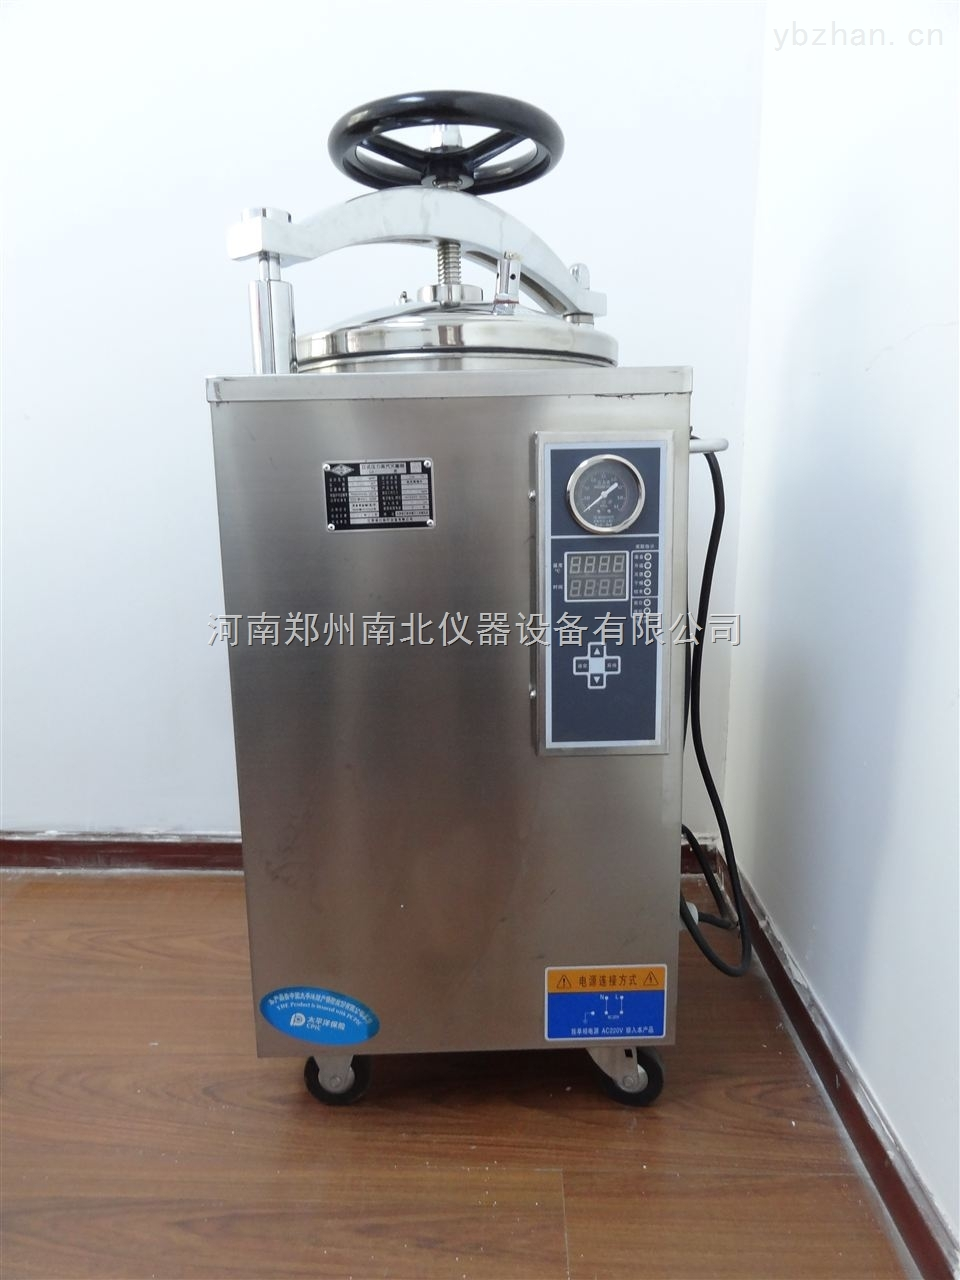 醫用高壓蒸汽滅菌器,蒸汽滅菌器價格